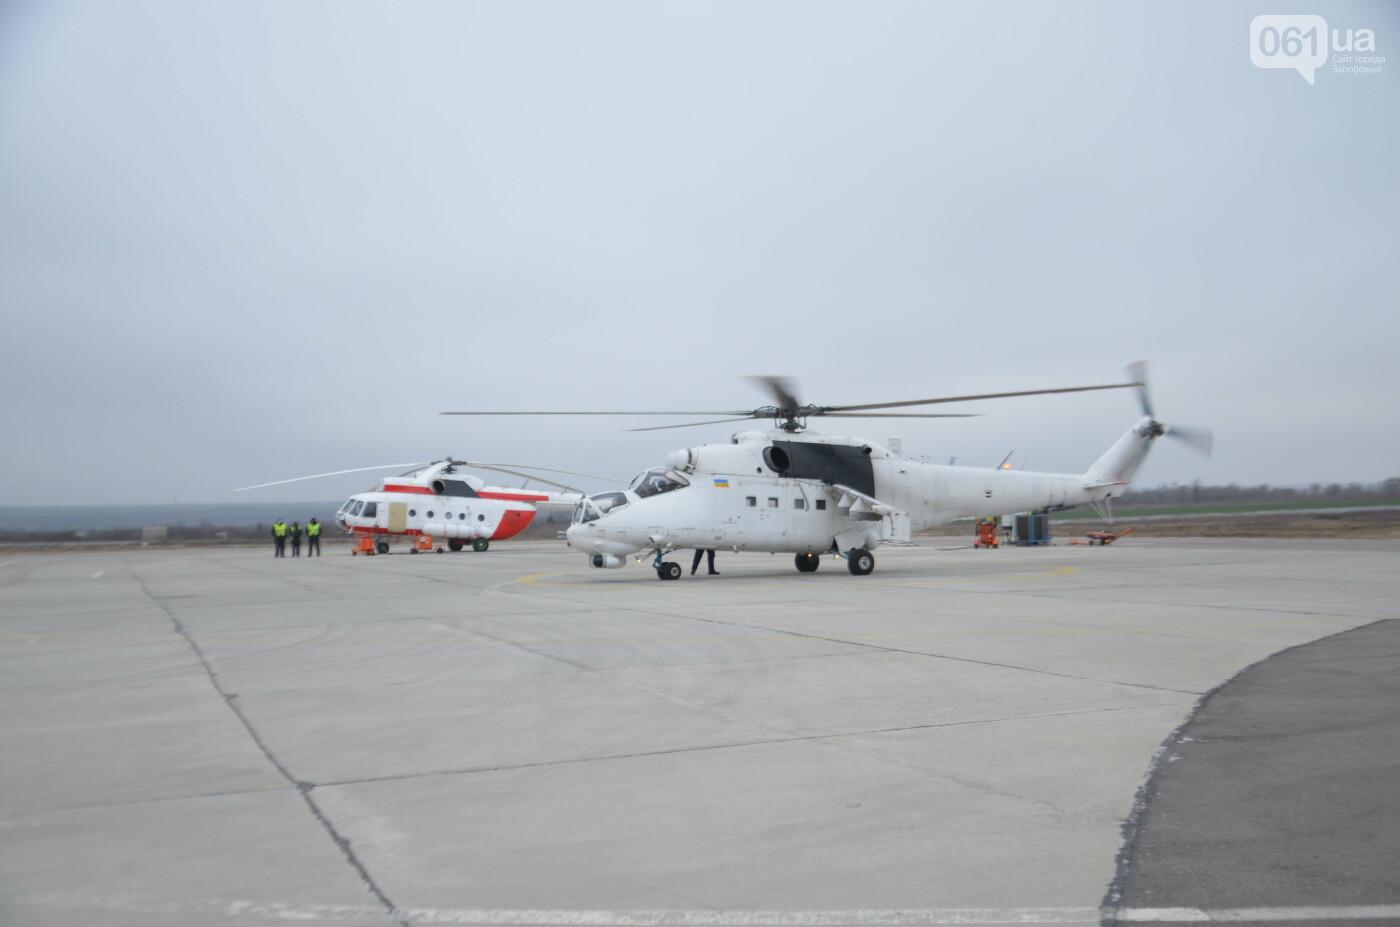 В Запорожье прошли первые испытания новых лопастей для военных вертолетов, - ФОТО, фото-16